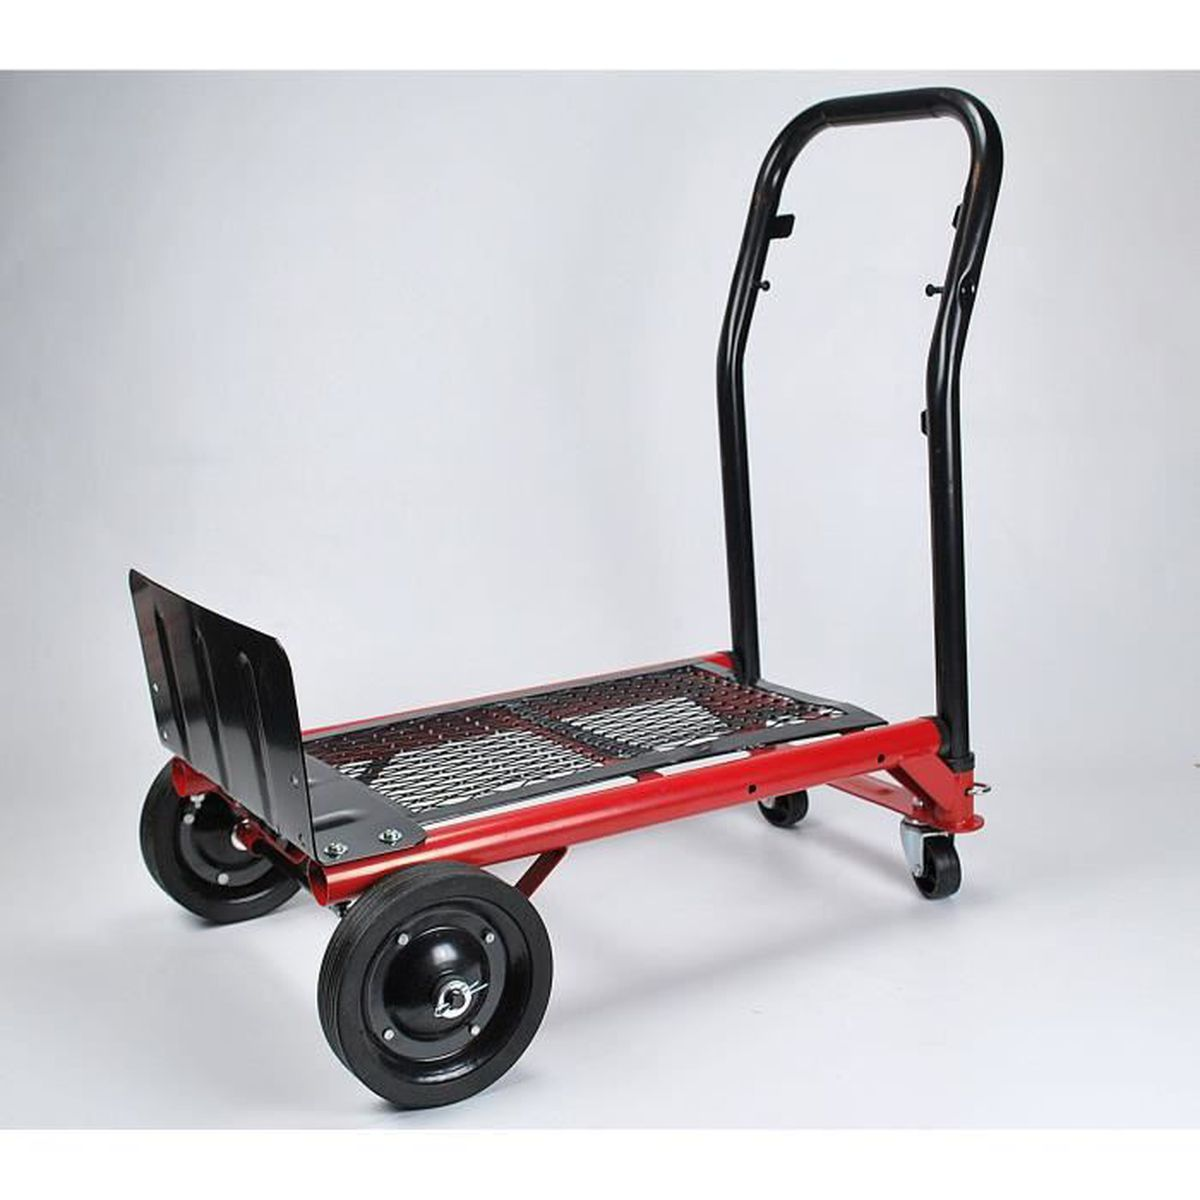 Tec Hit 175280 Diable rigide multi usages 80 kgs Rouge Et Noir